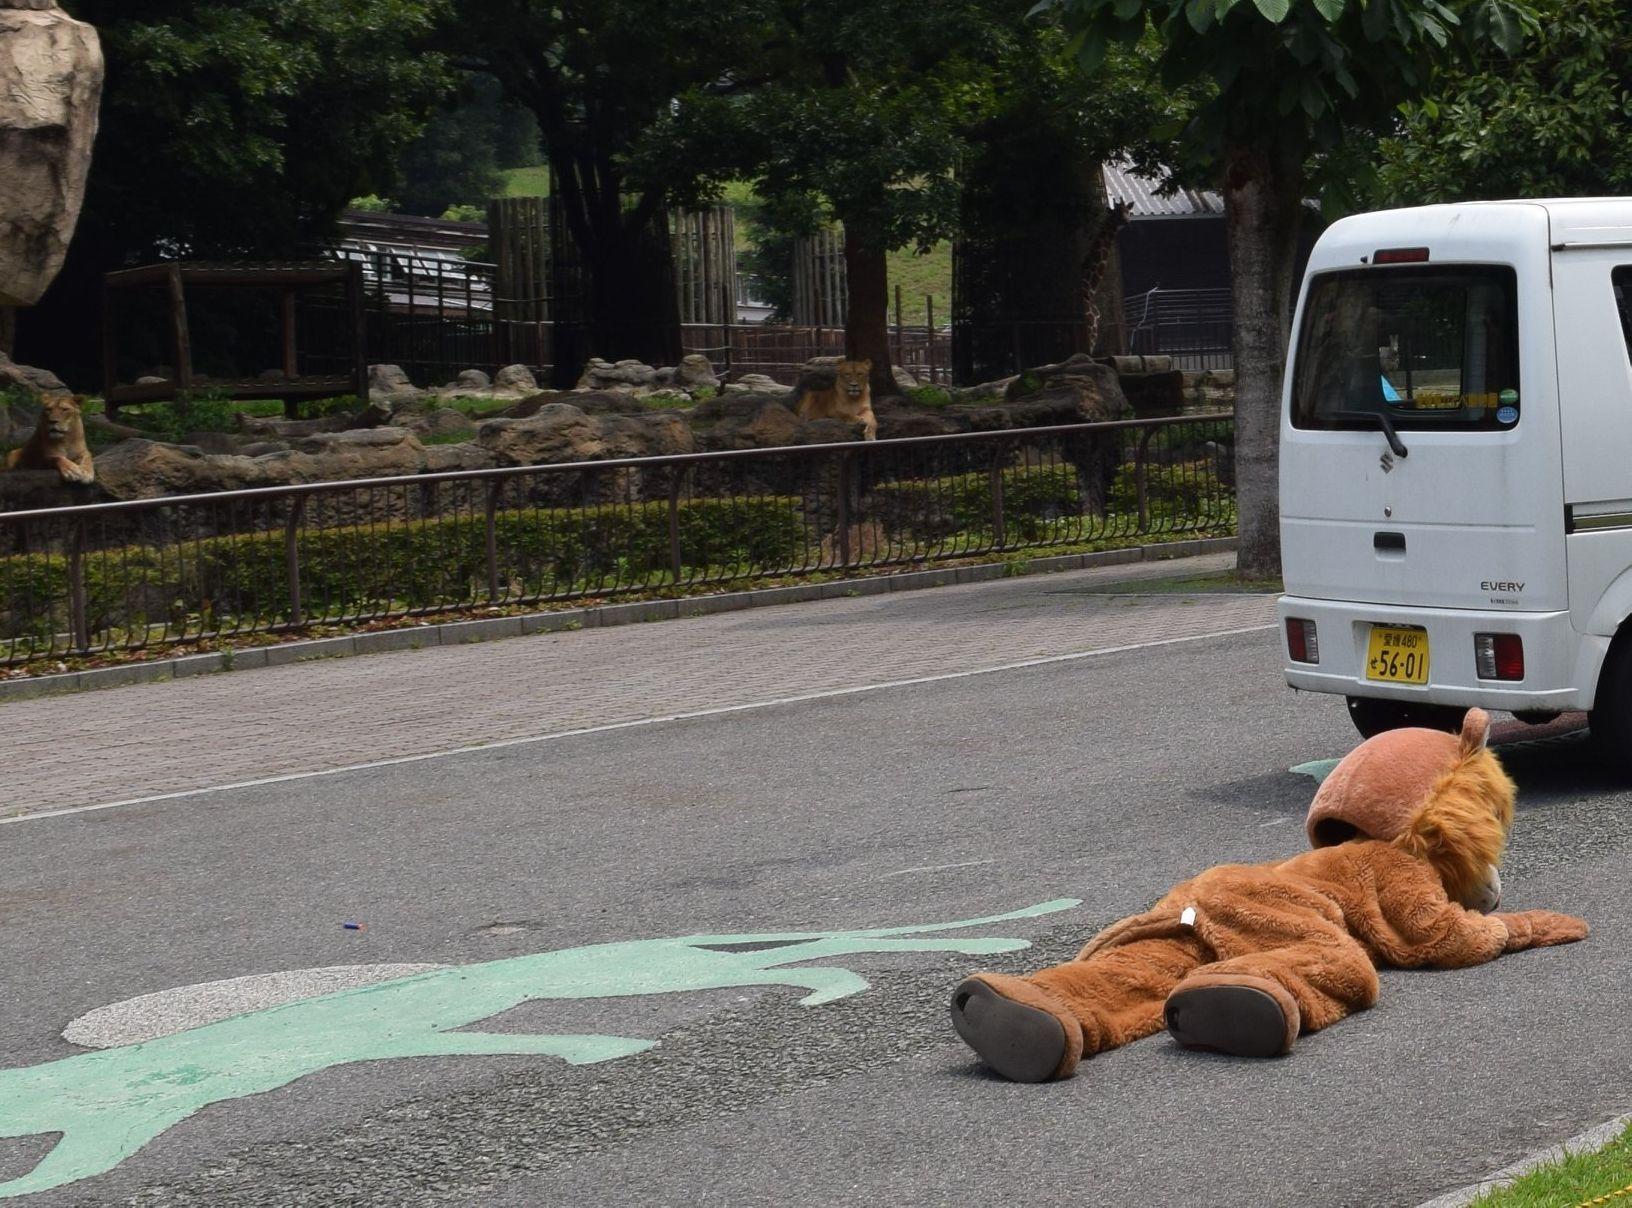 愛媛縣Tobe動物園近日進行「動物逃脫演習」。Twitter圖片